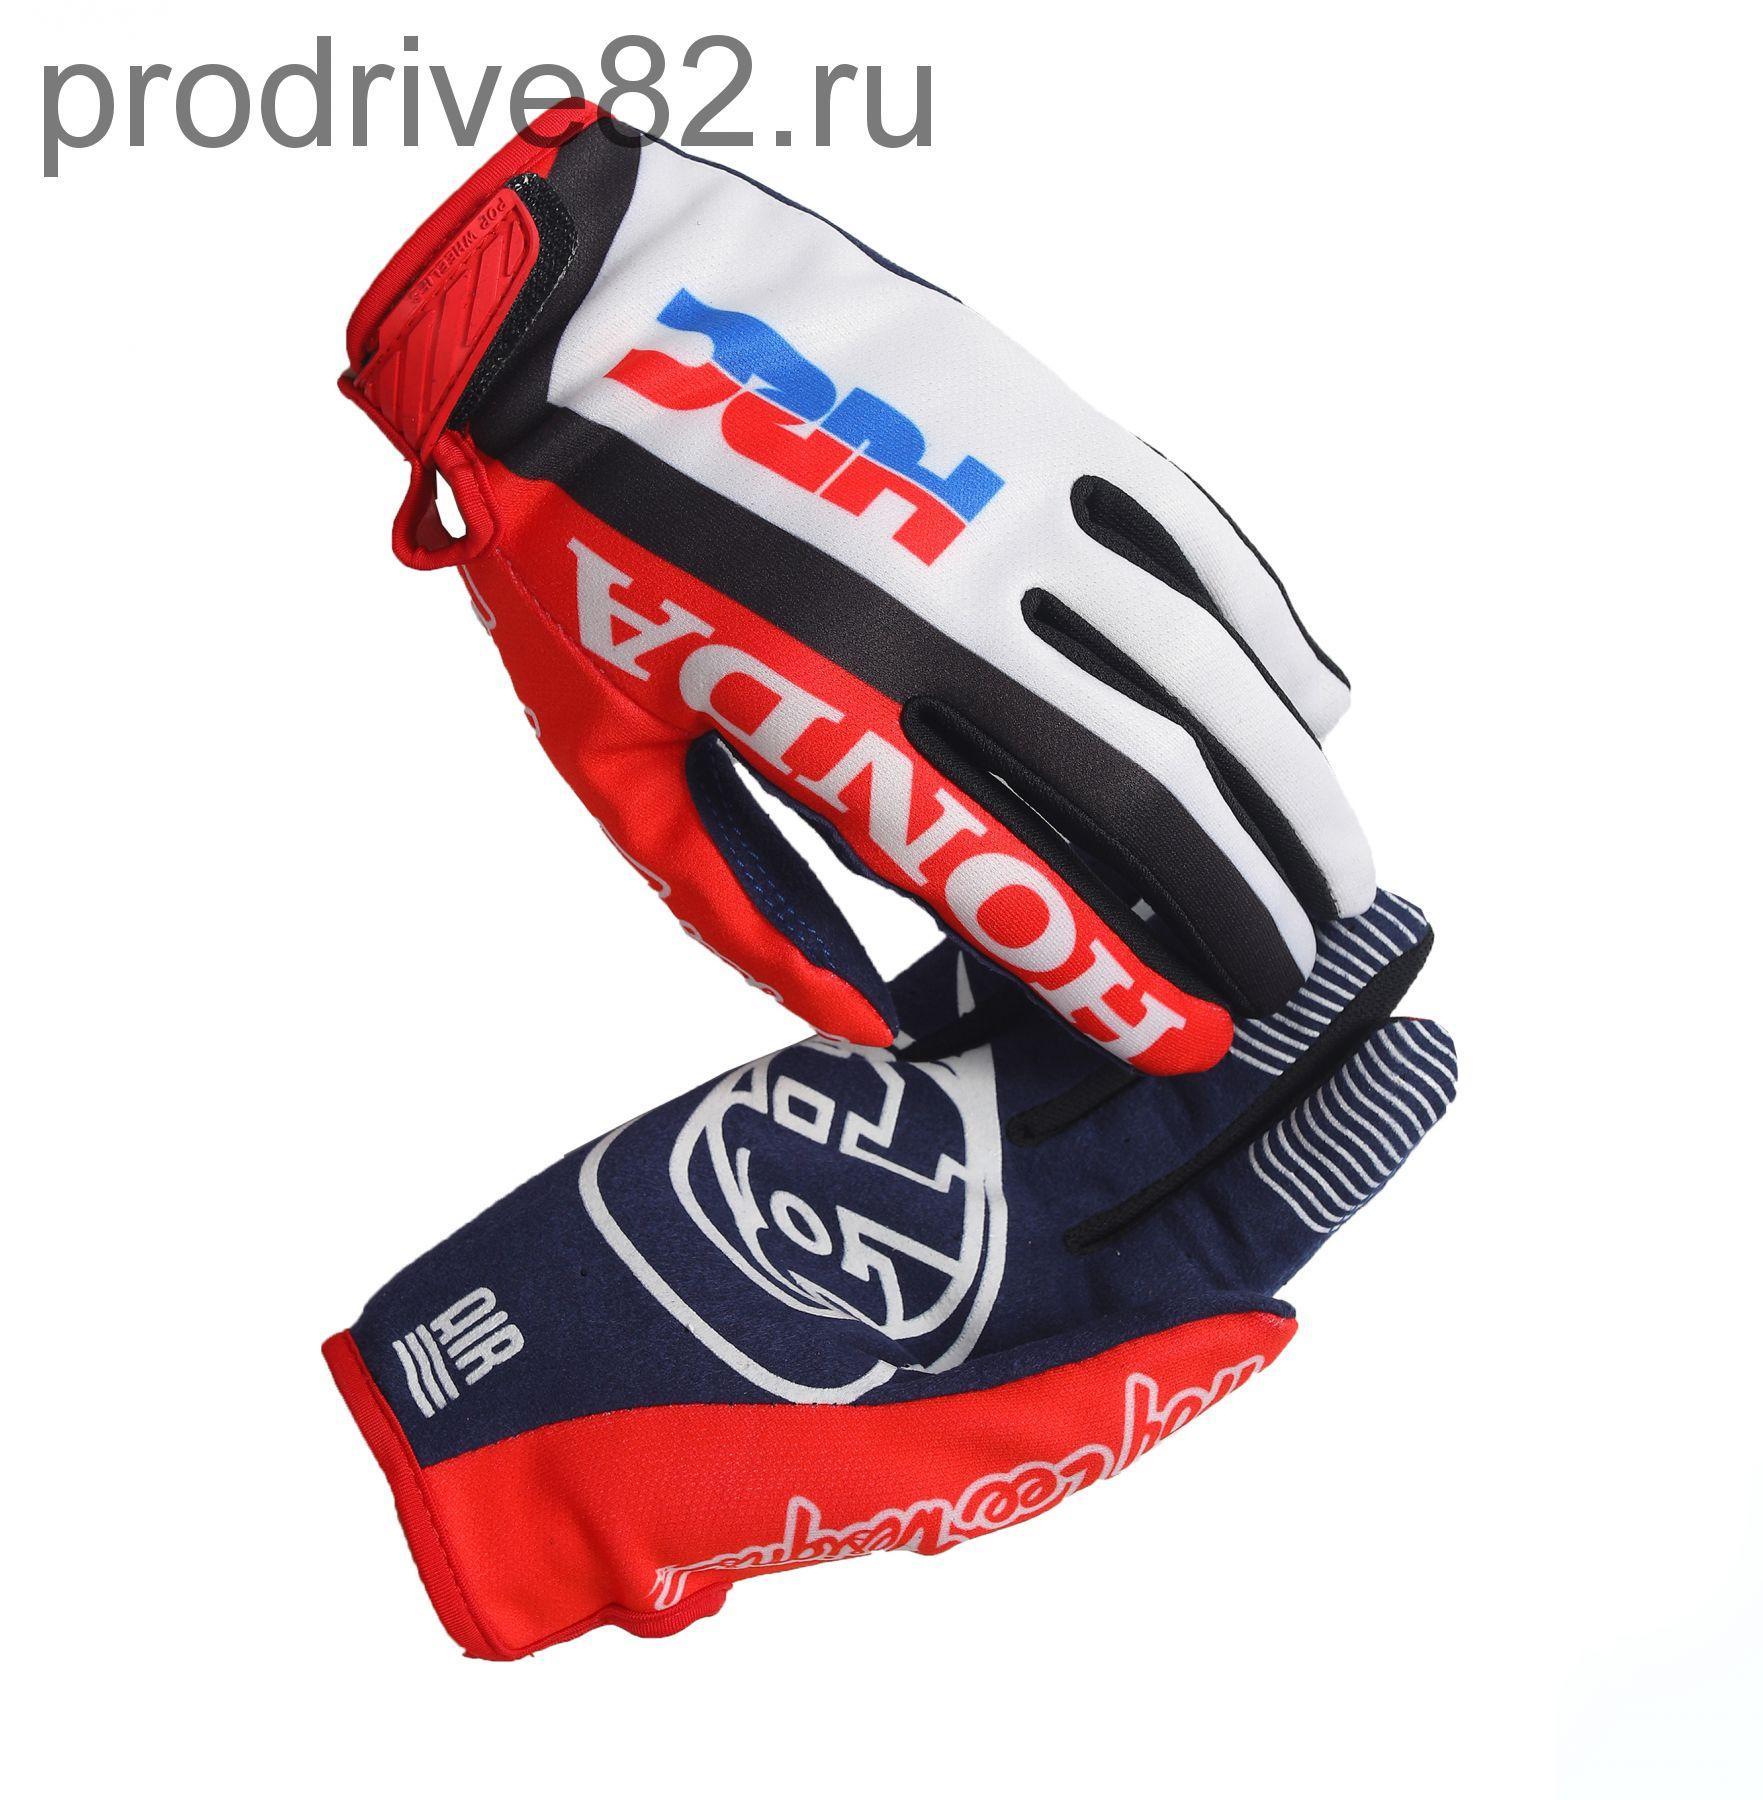 Honda перчатки взрослые